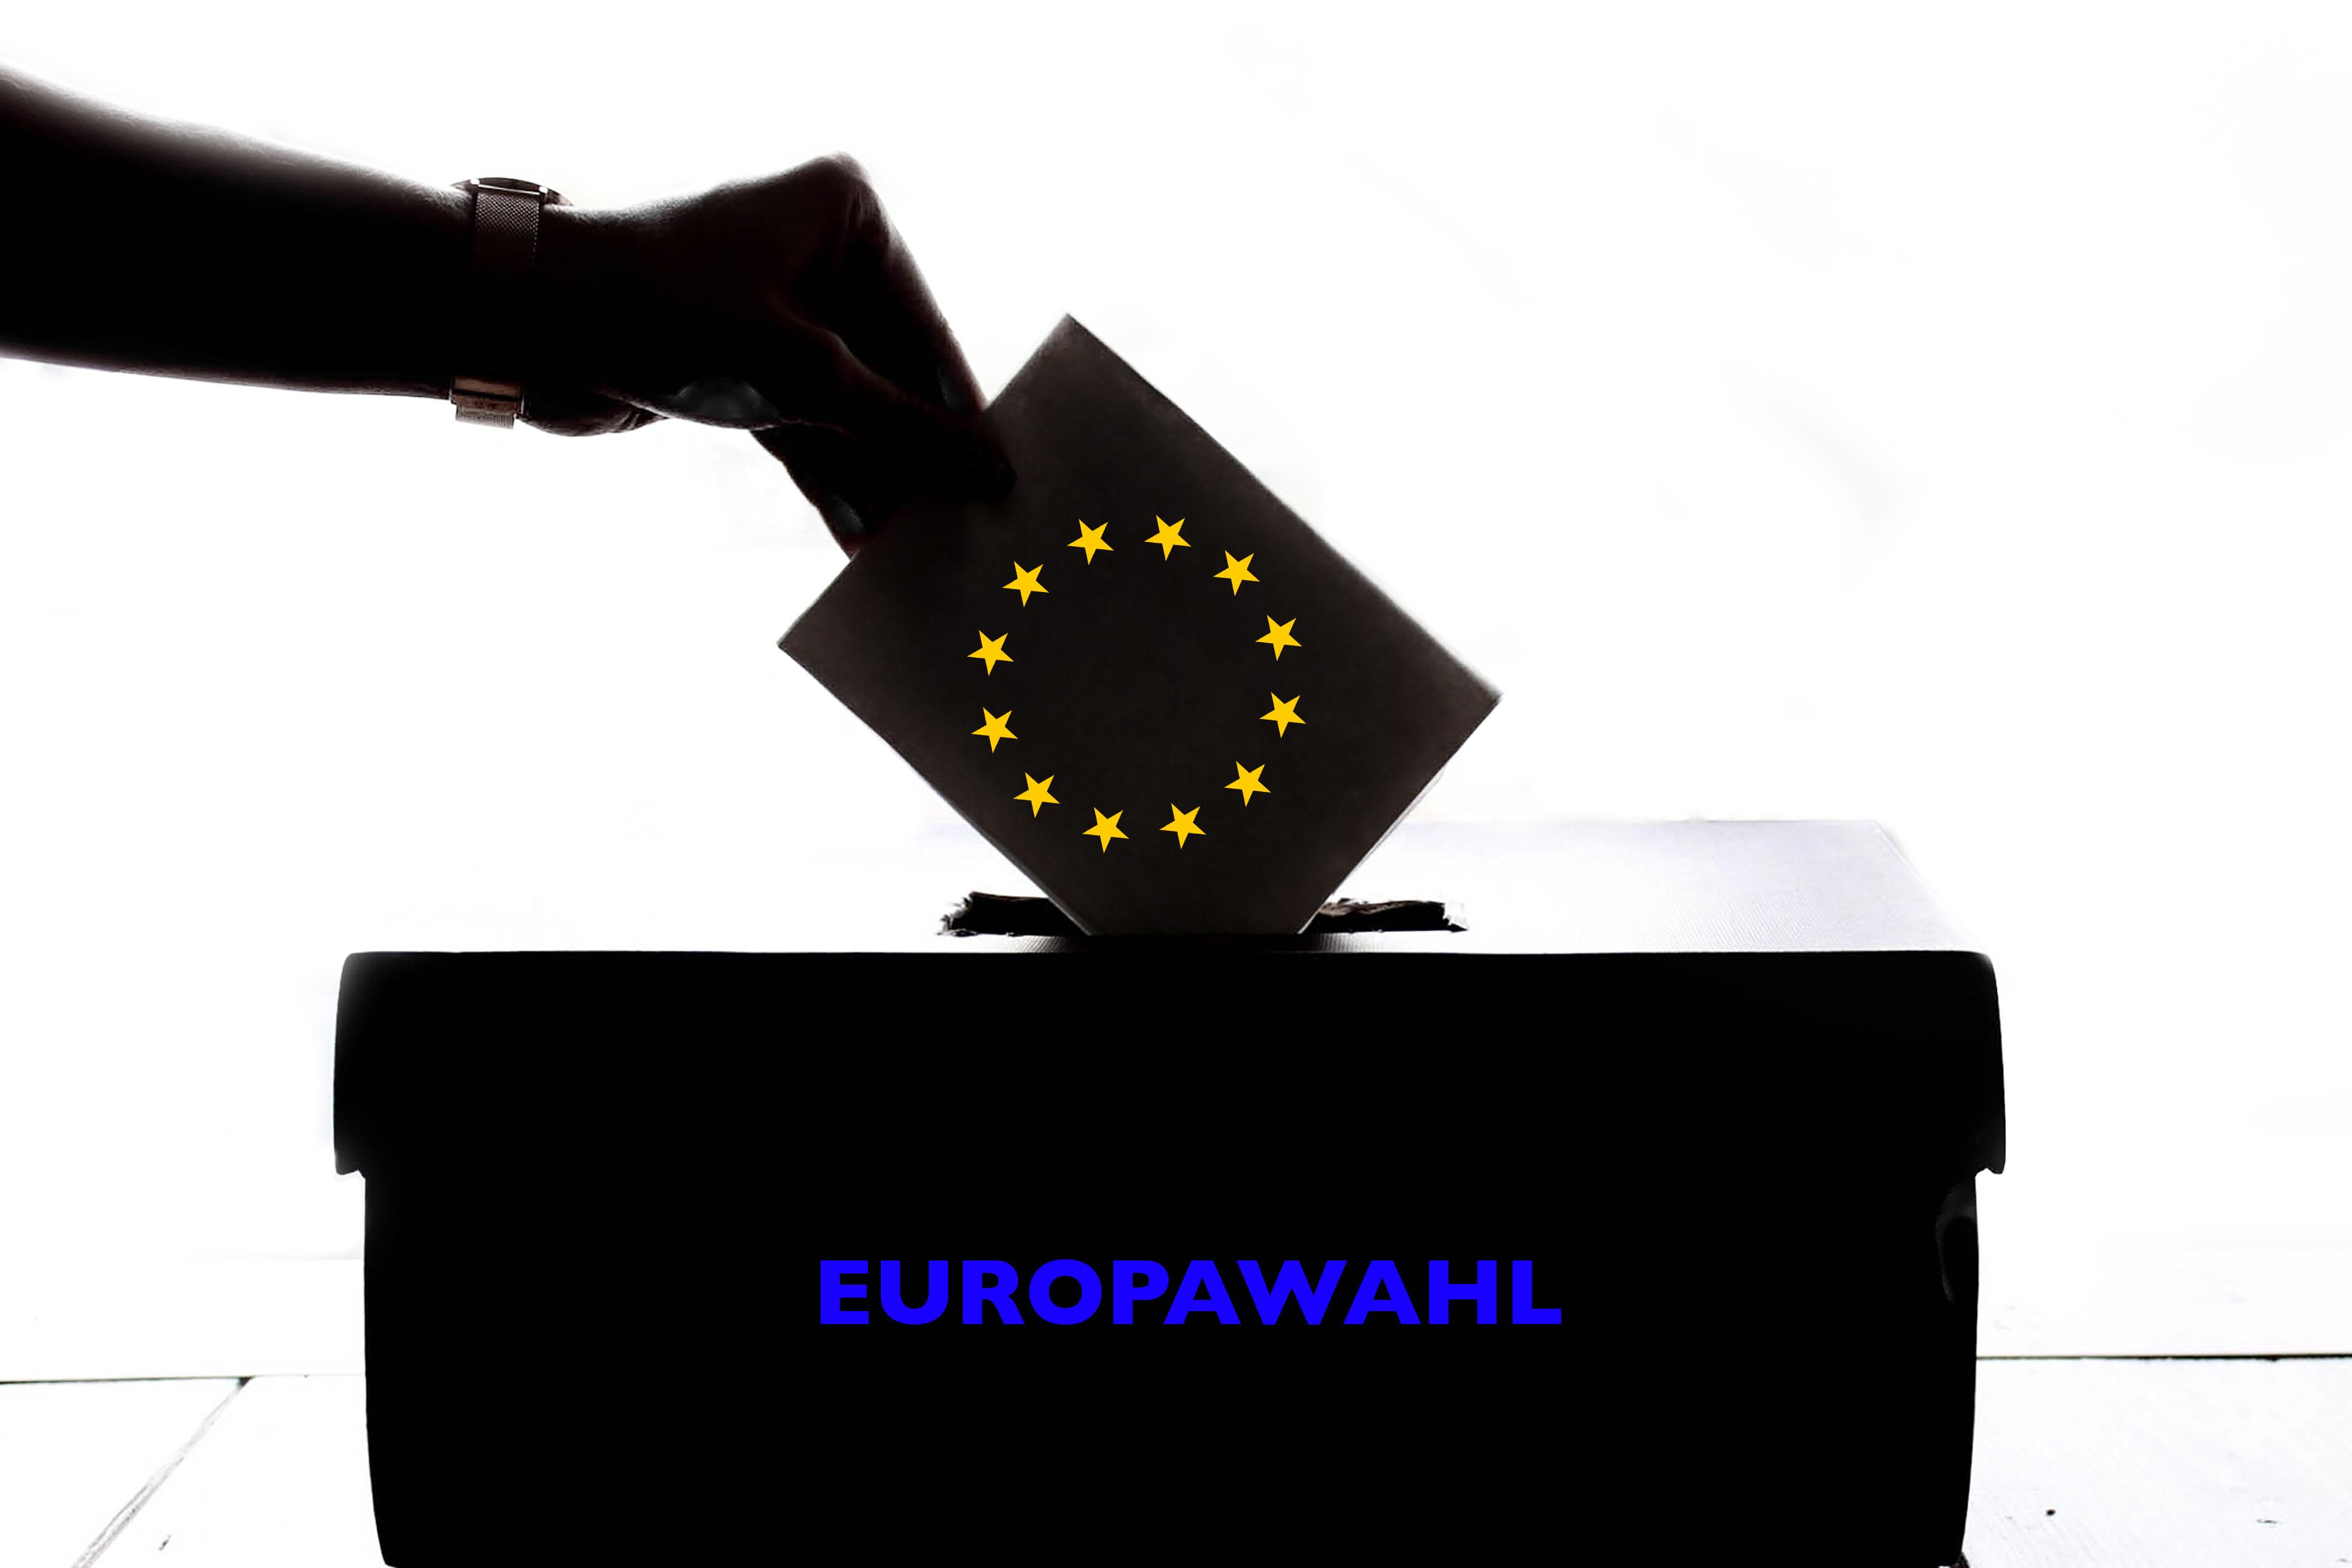 Europawahl 2019 Fink & Fuchs